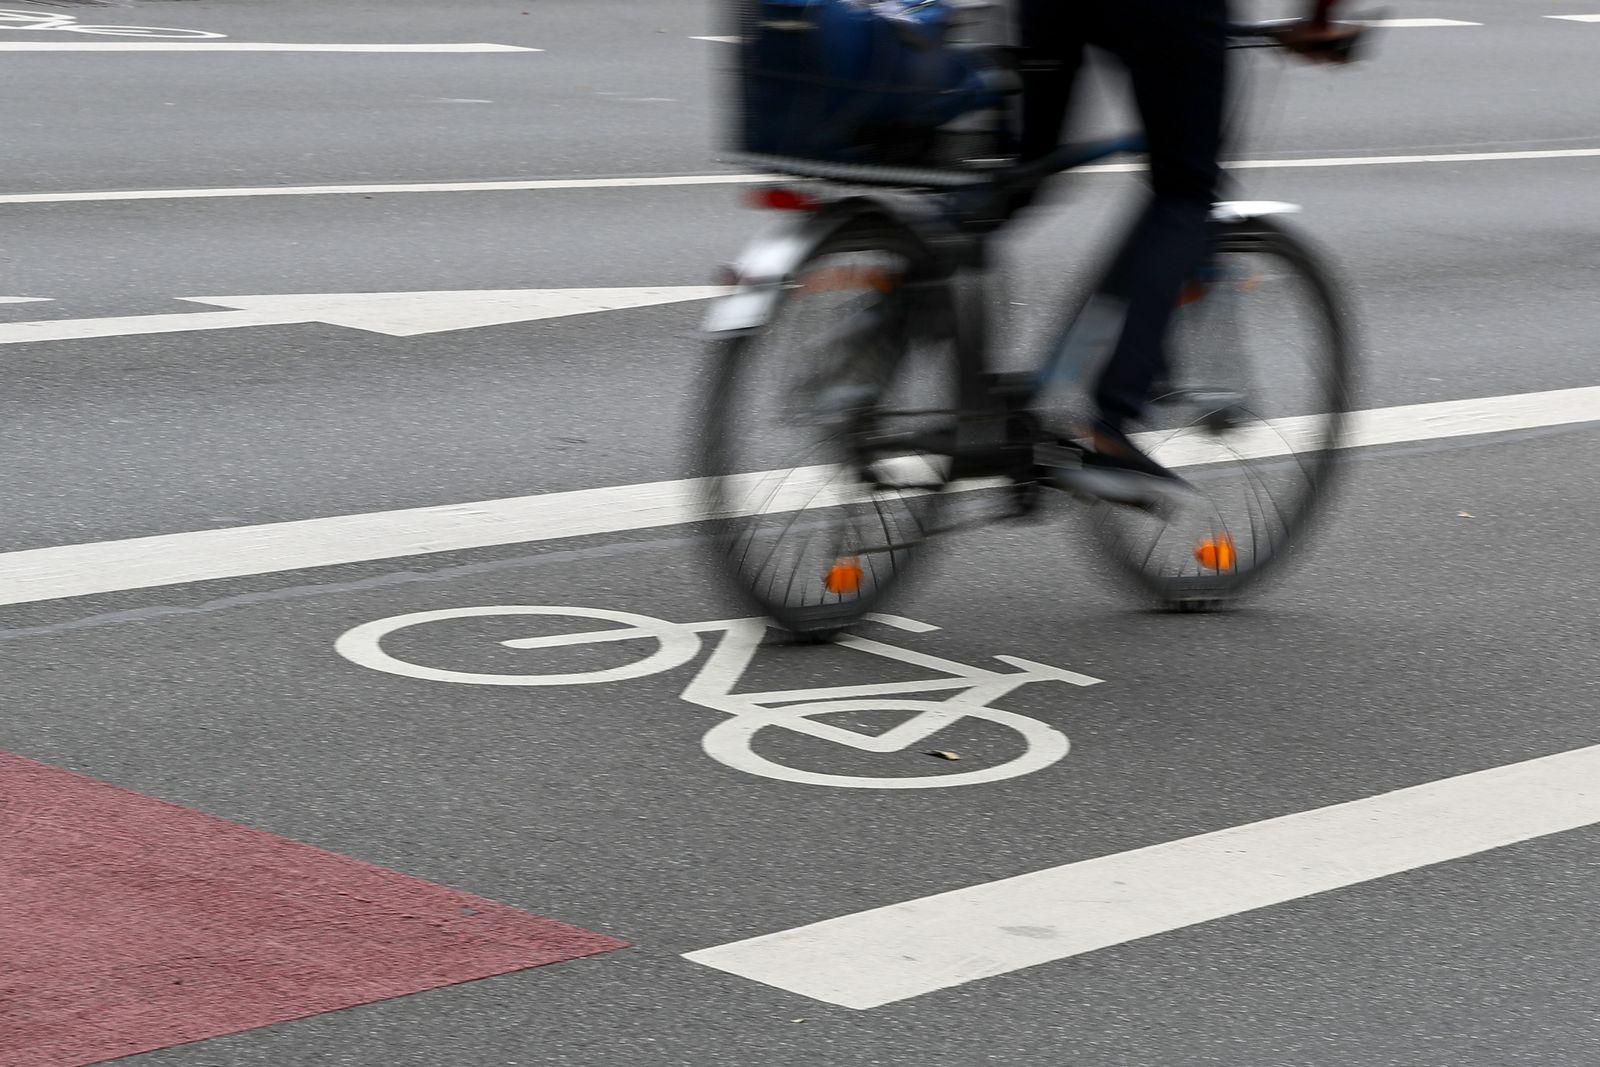 Fahrrad/ Weg/ Nürnberg